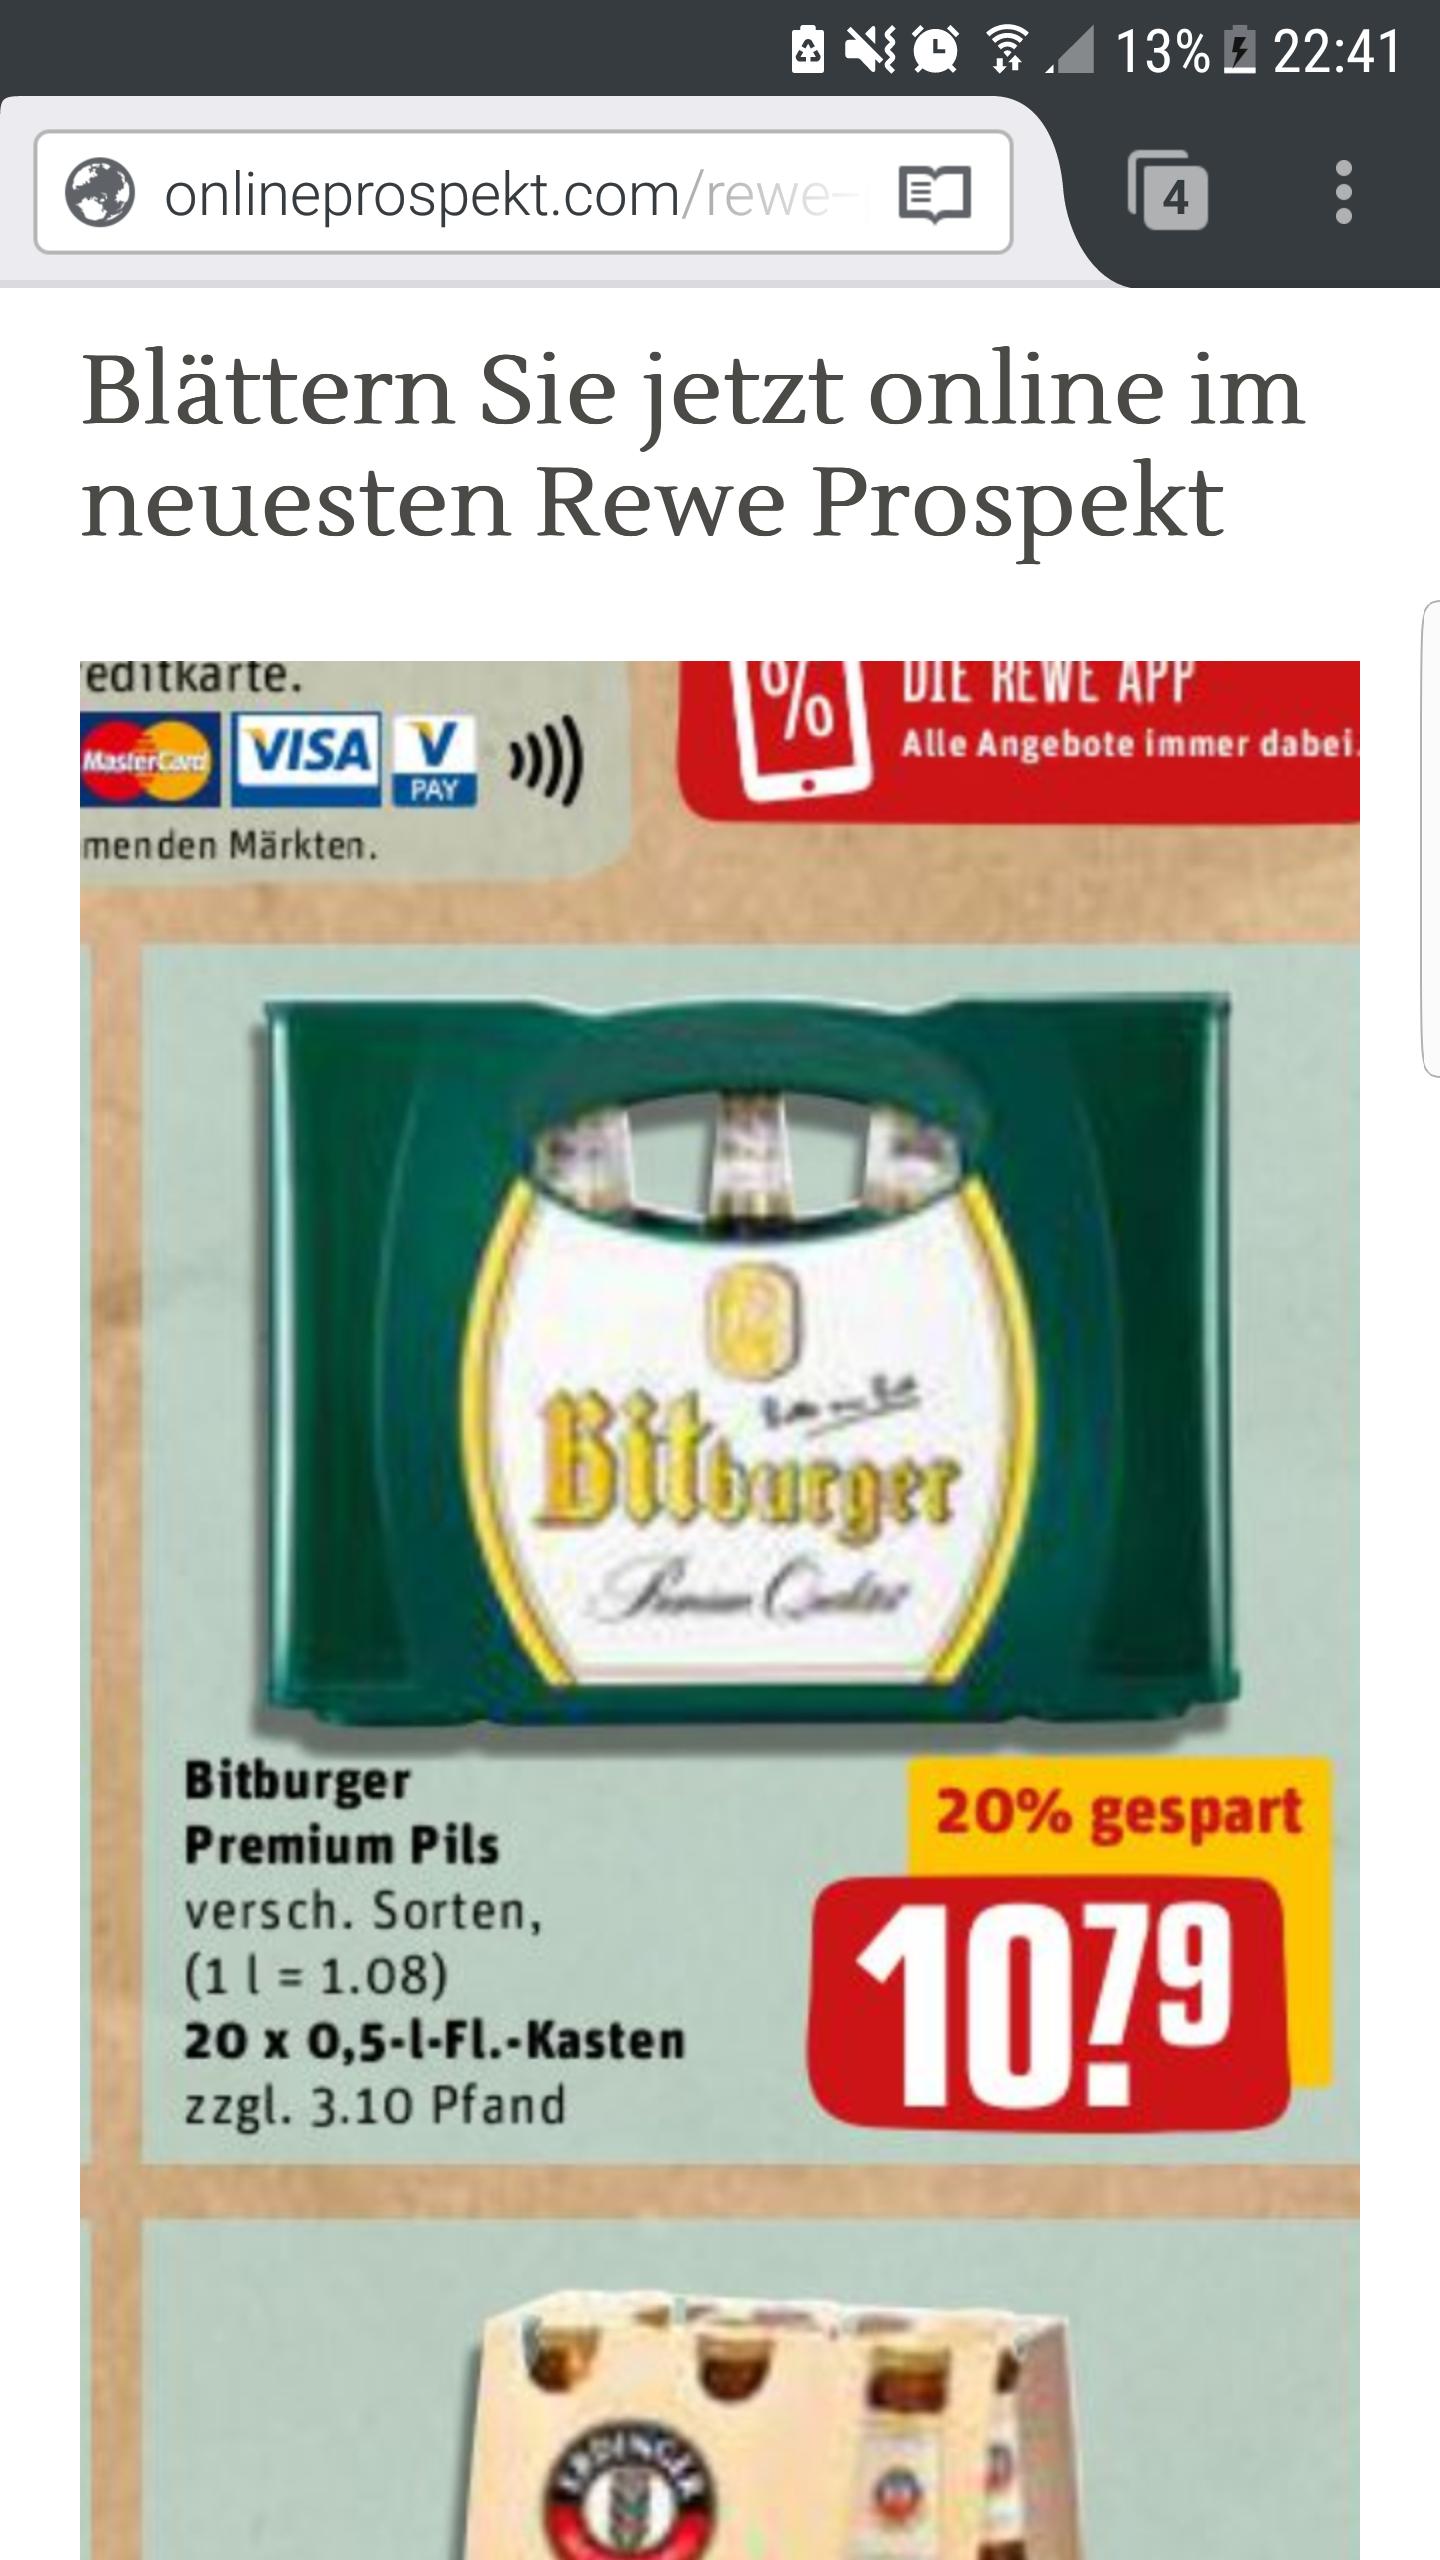 Bitburger 0.5 l Premium Pils für 8.79 pro Kasten